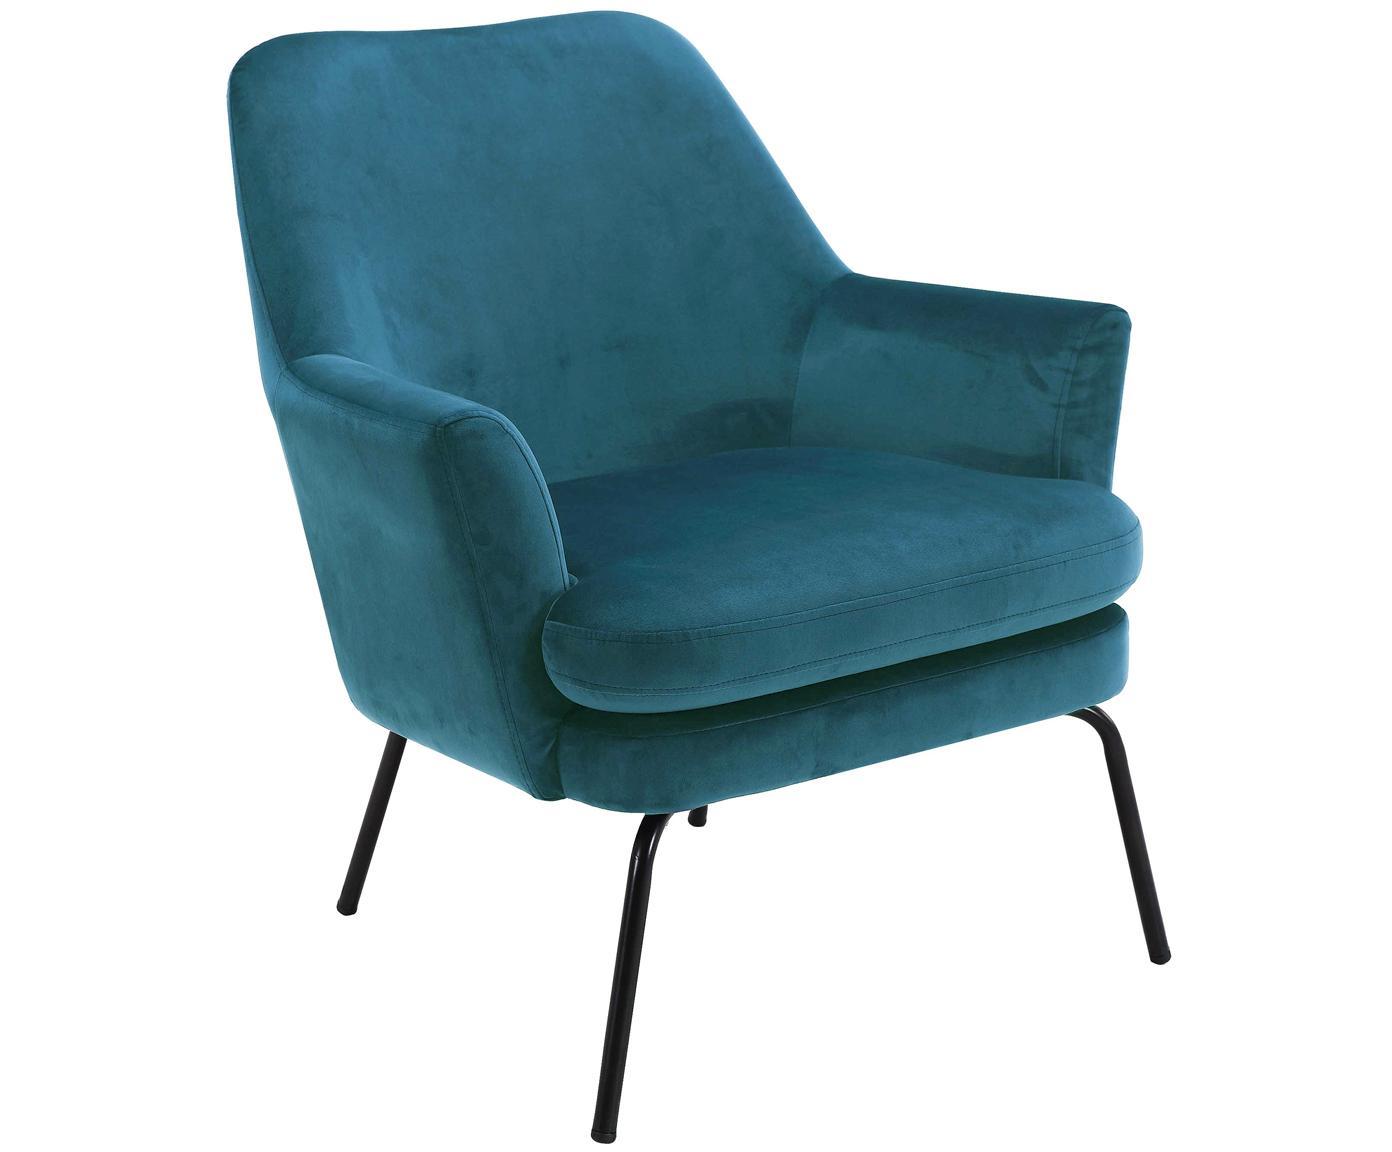 Samt-Loungesessel Chisa in Blau, Bezug: Polyester (Samt) Der Bezu, Beine: Metall, pulverbeschichtet, Samt Marineblau, B 68 x T 73 cm